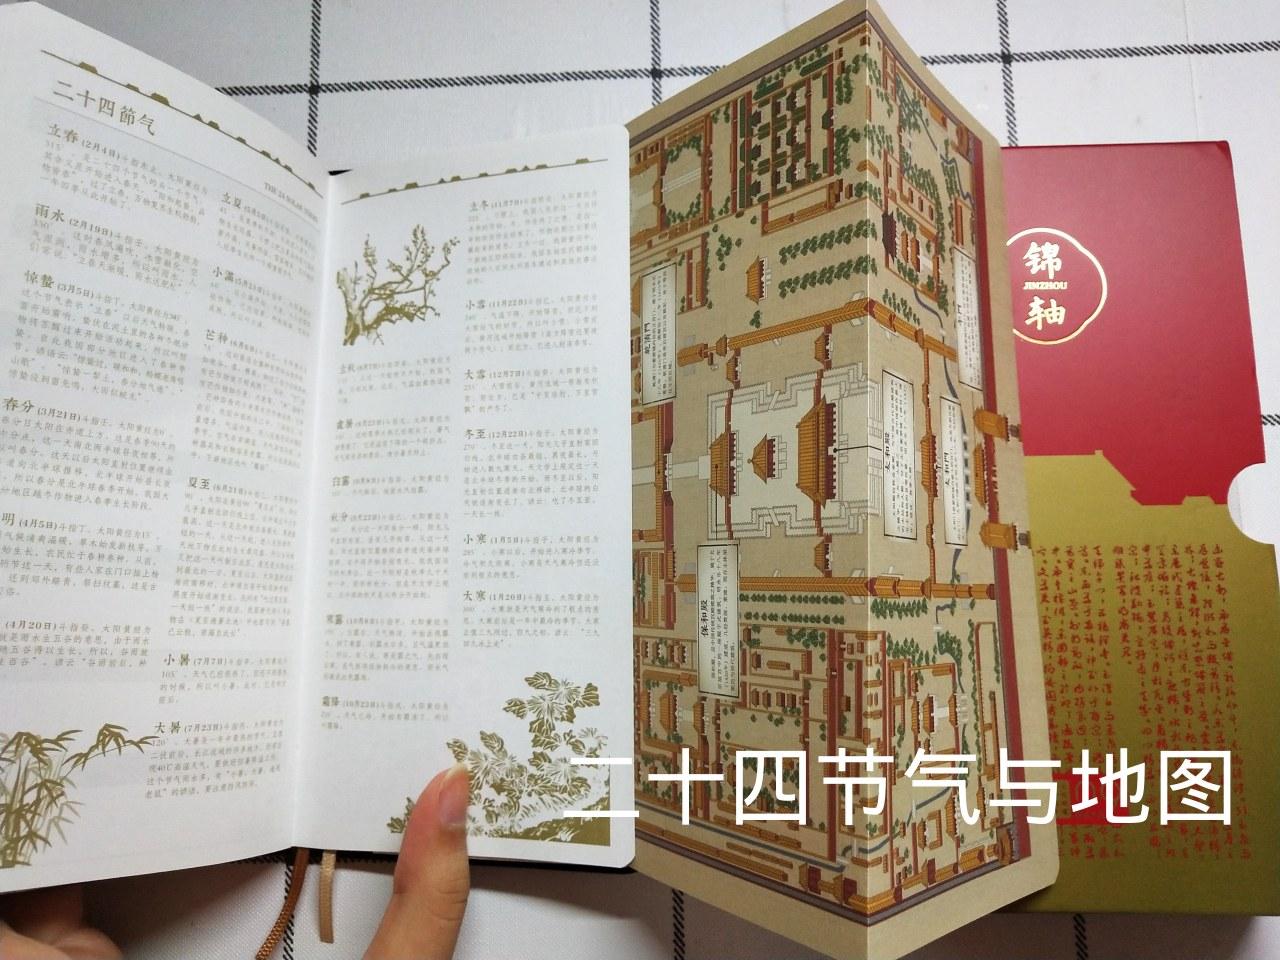 手账 n9 X 故宫联名锦轴手帐本测评_时光手帐